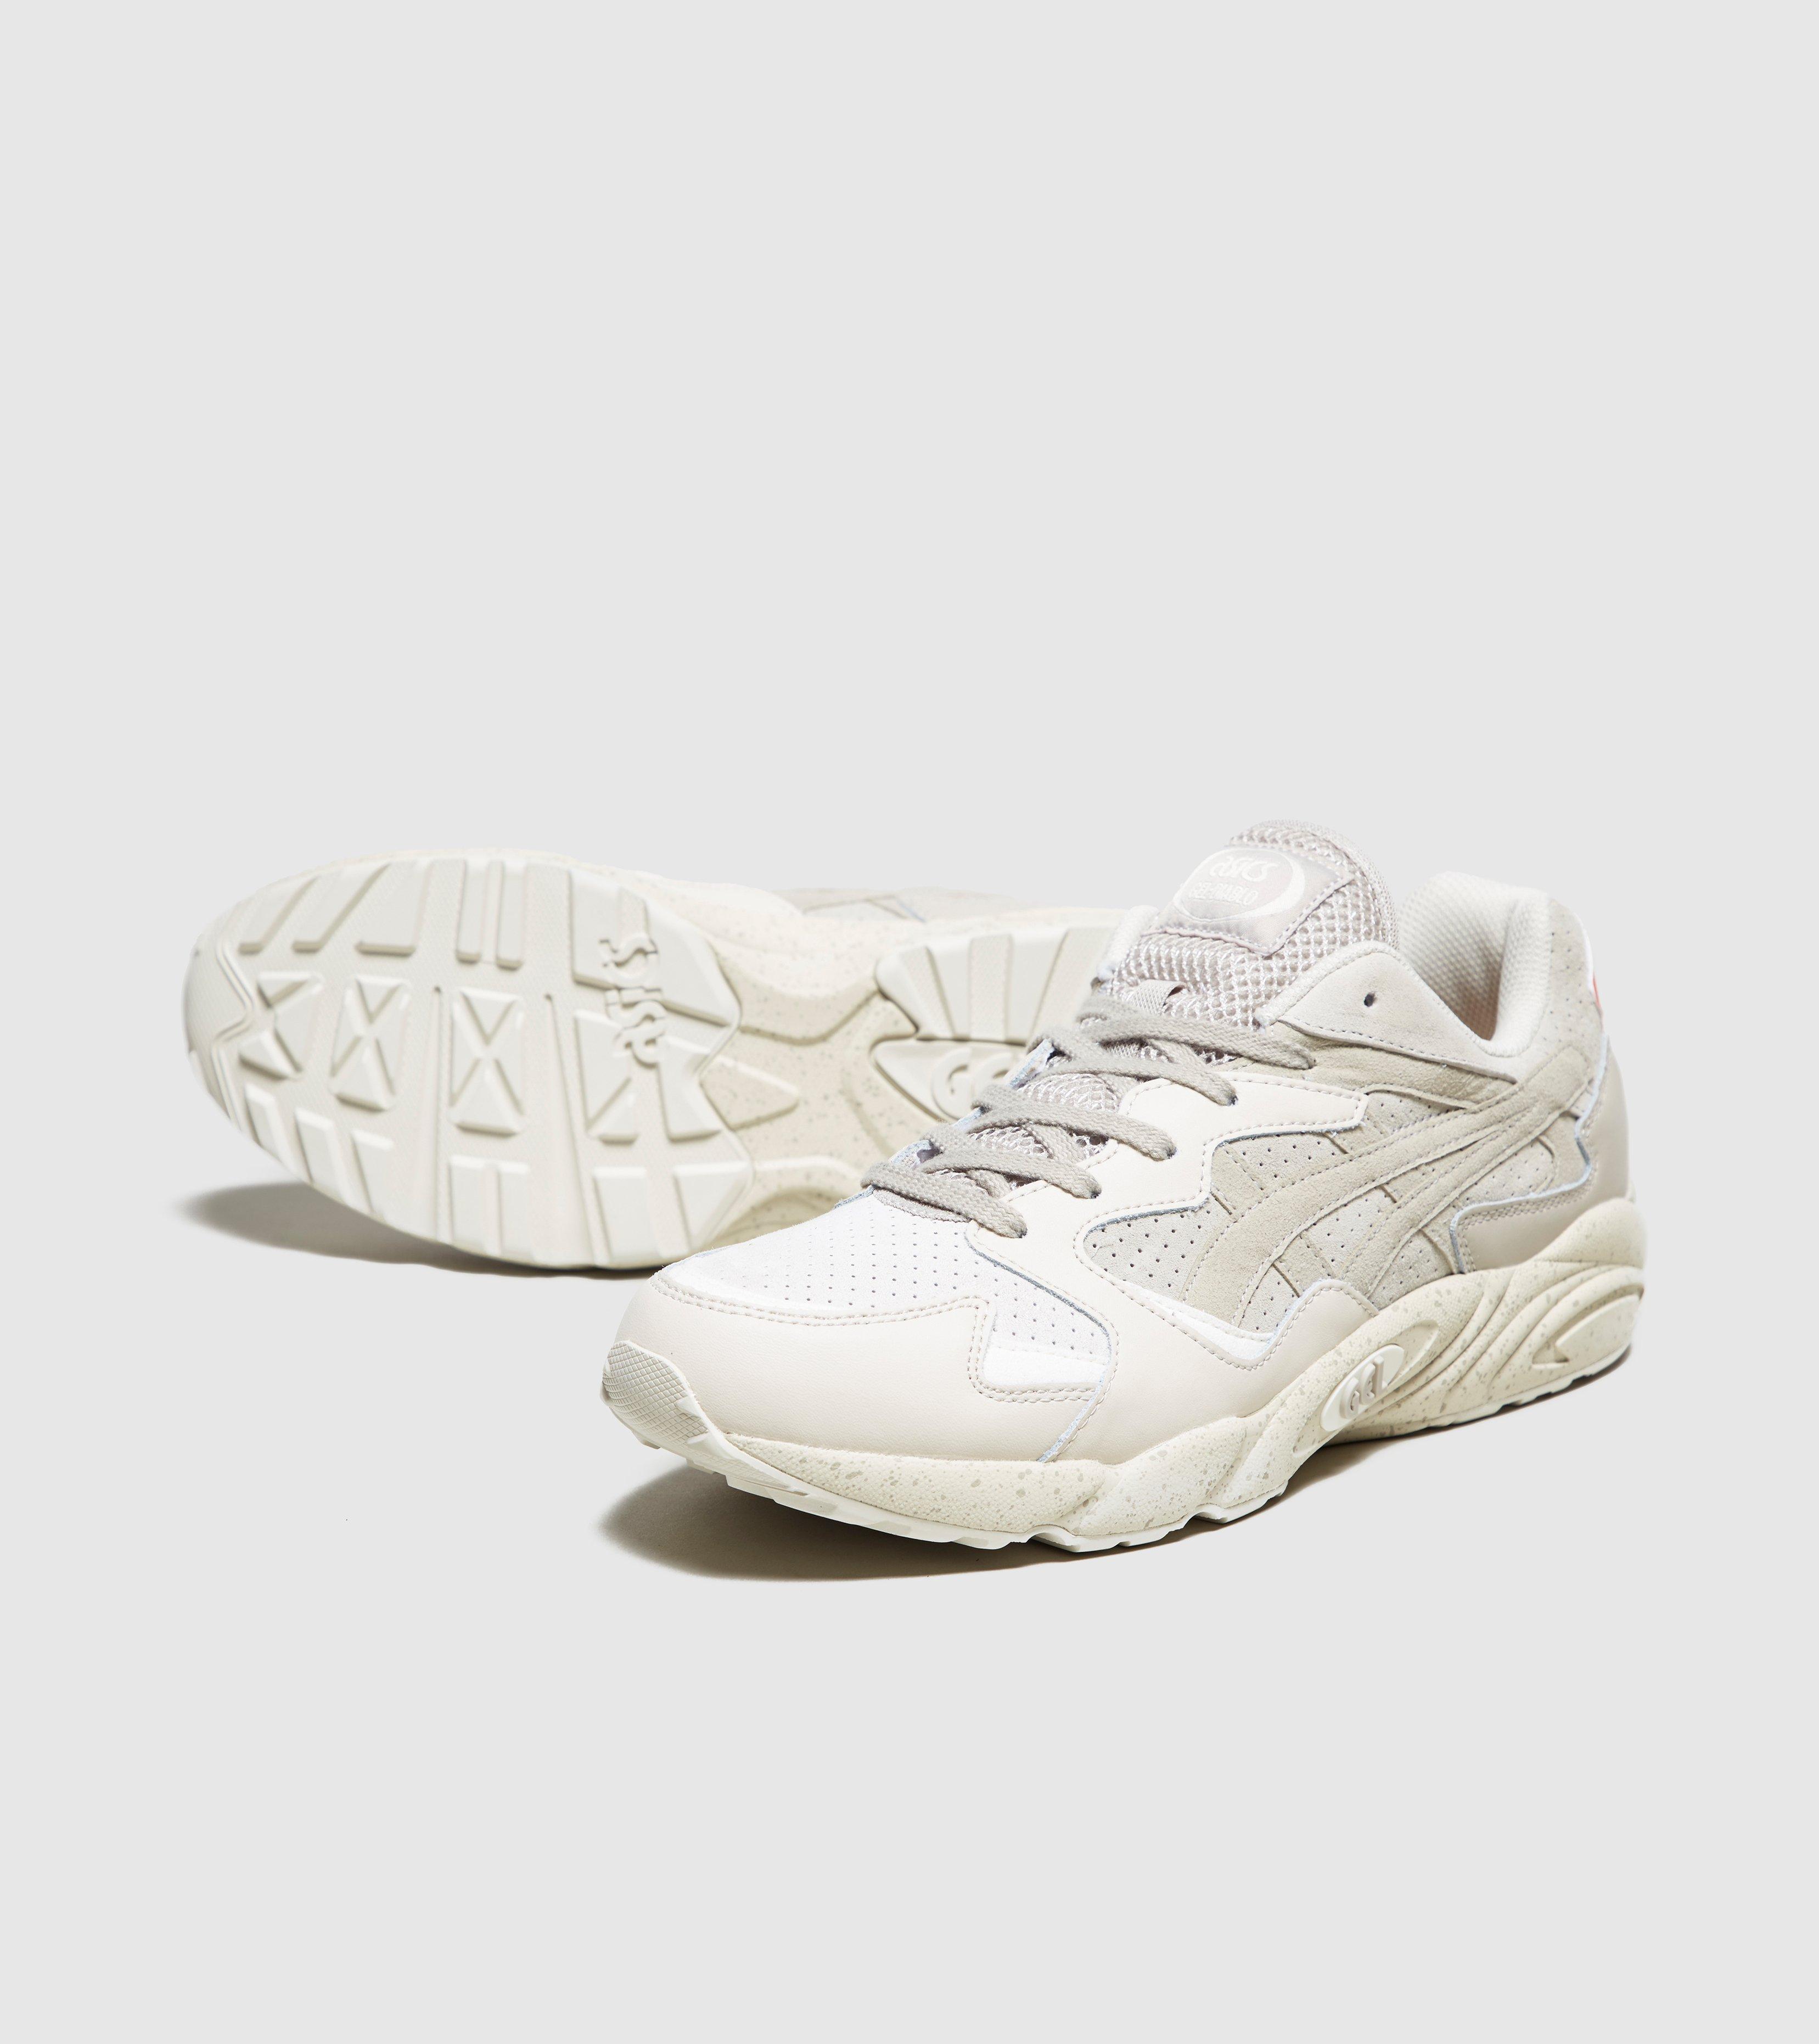 034fa5f15907 Lyst - Asics Gel Diablo in White